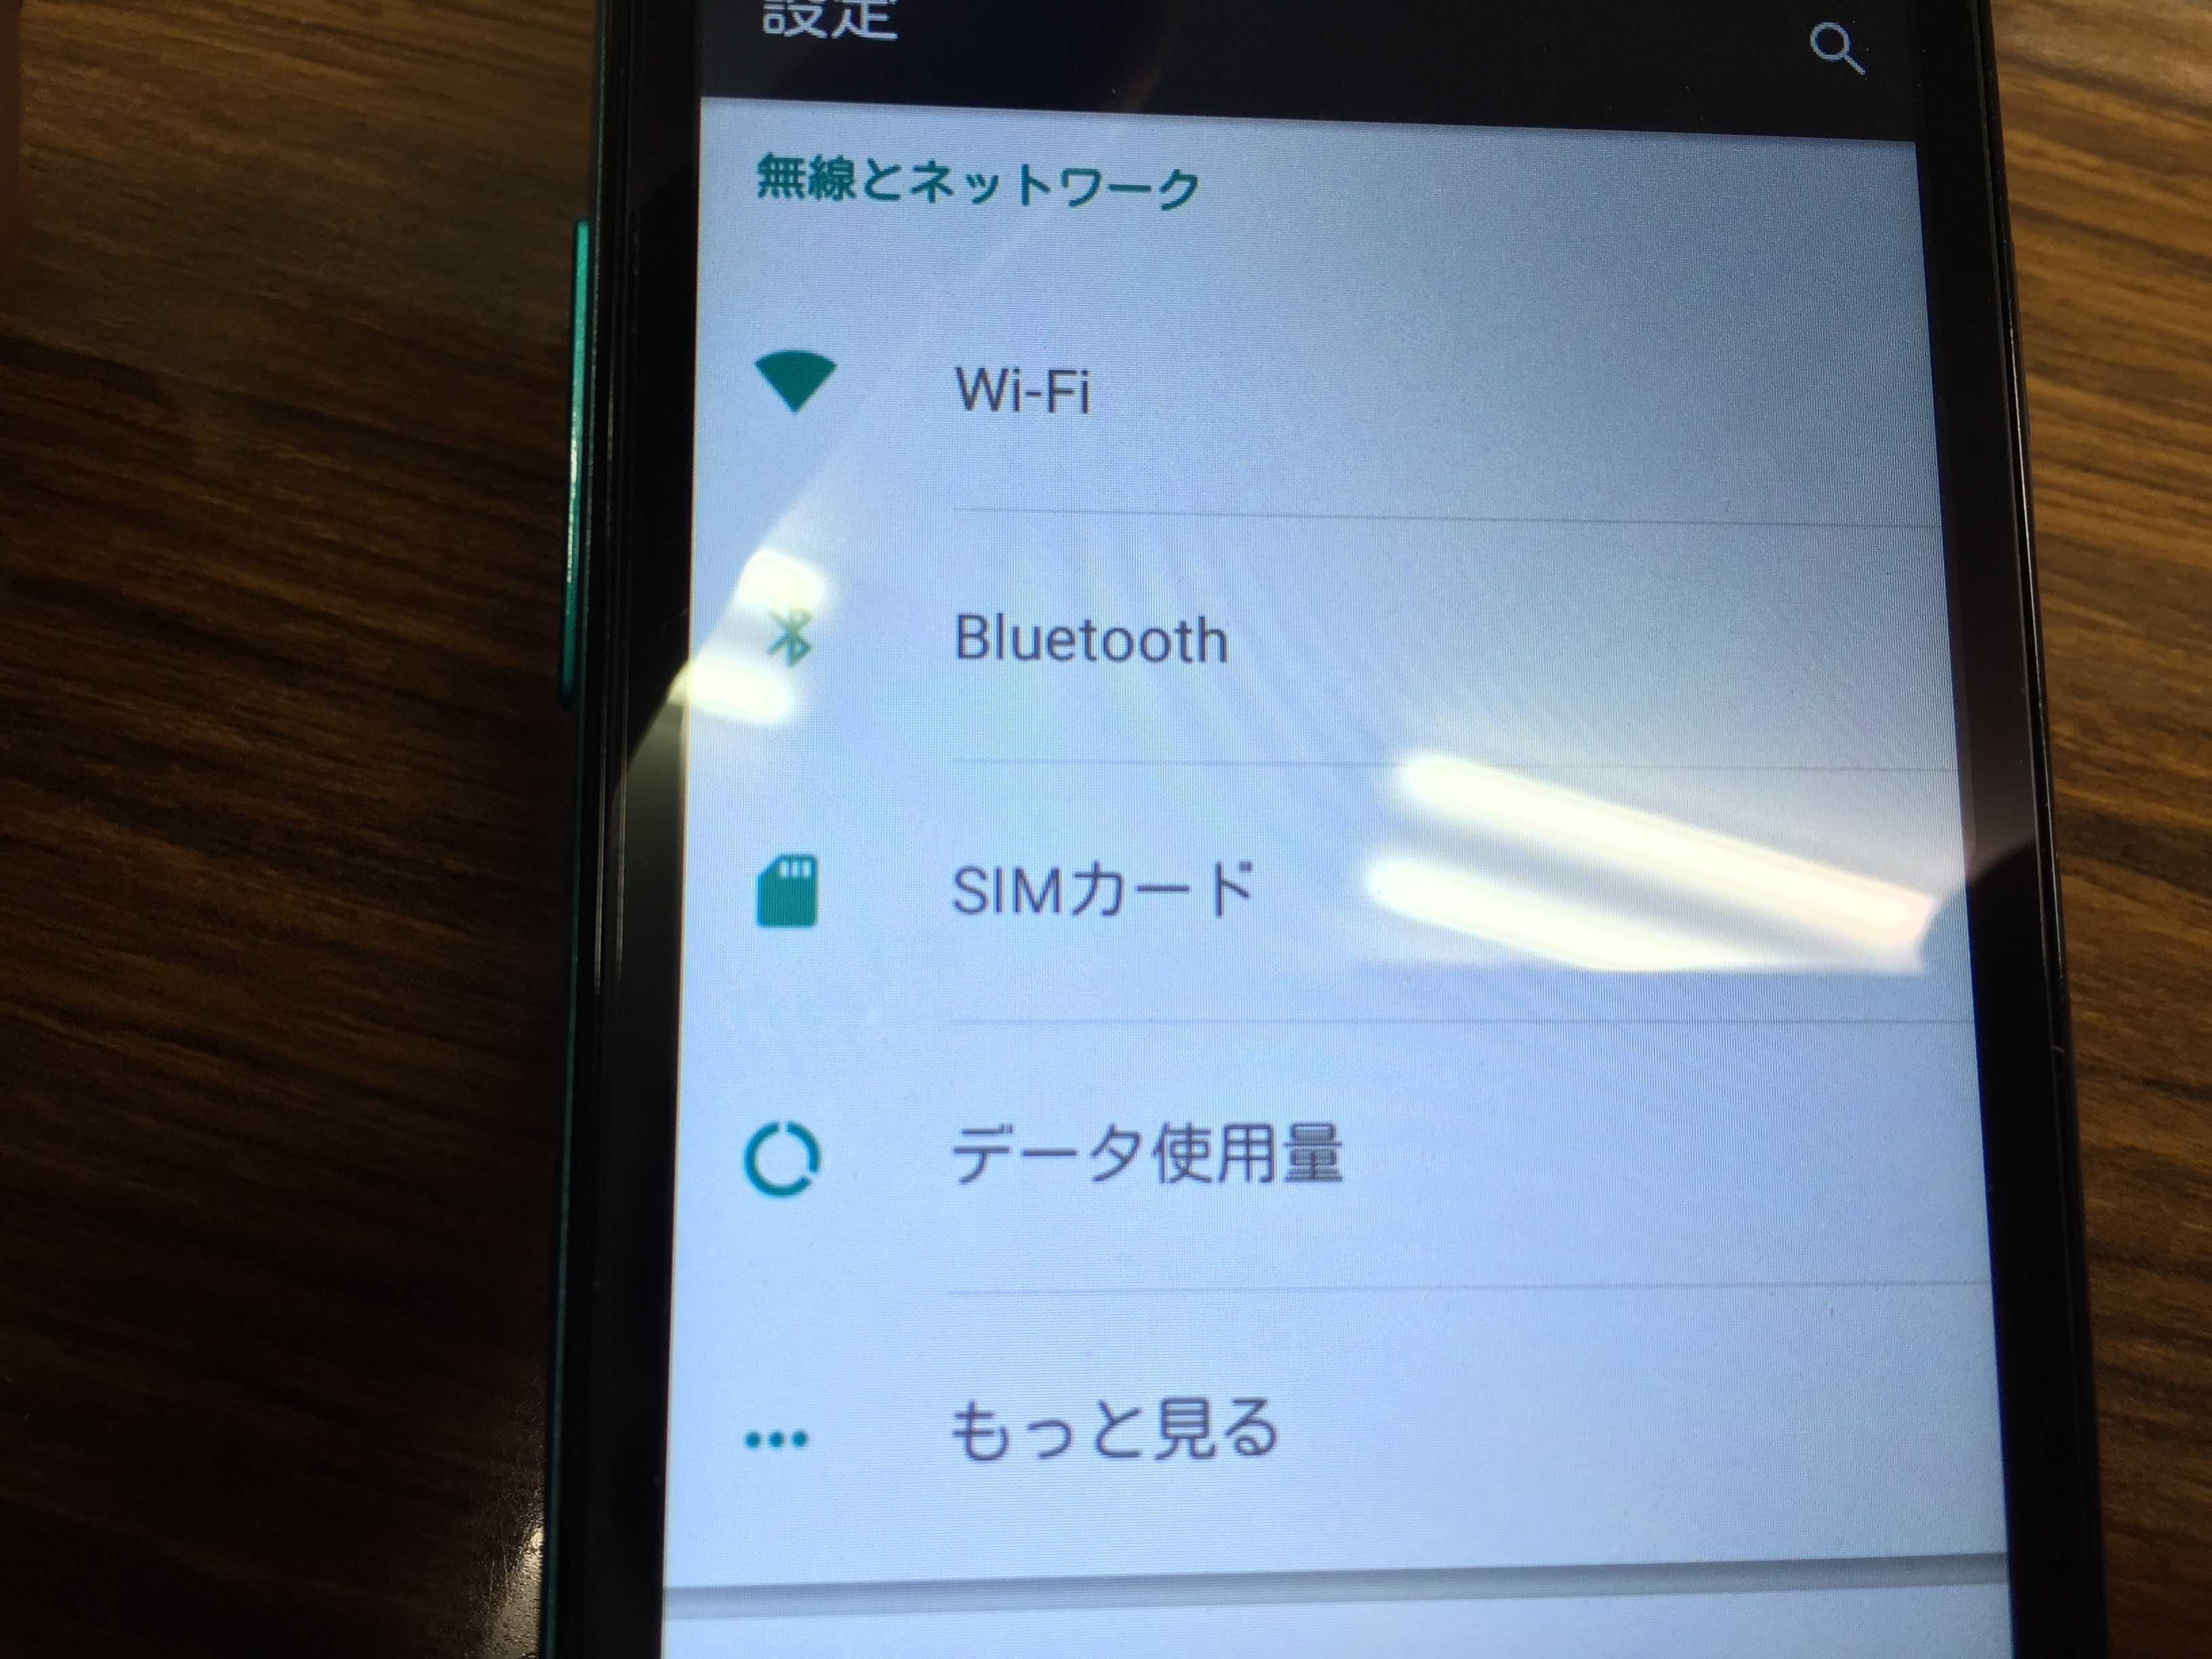 SIMフリースマホ: UPQ(アップ・キュー)Phone A01 - Wi-Fi